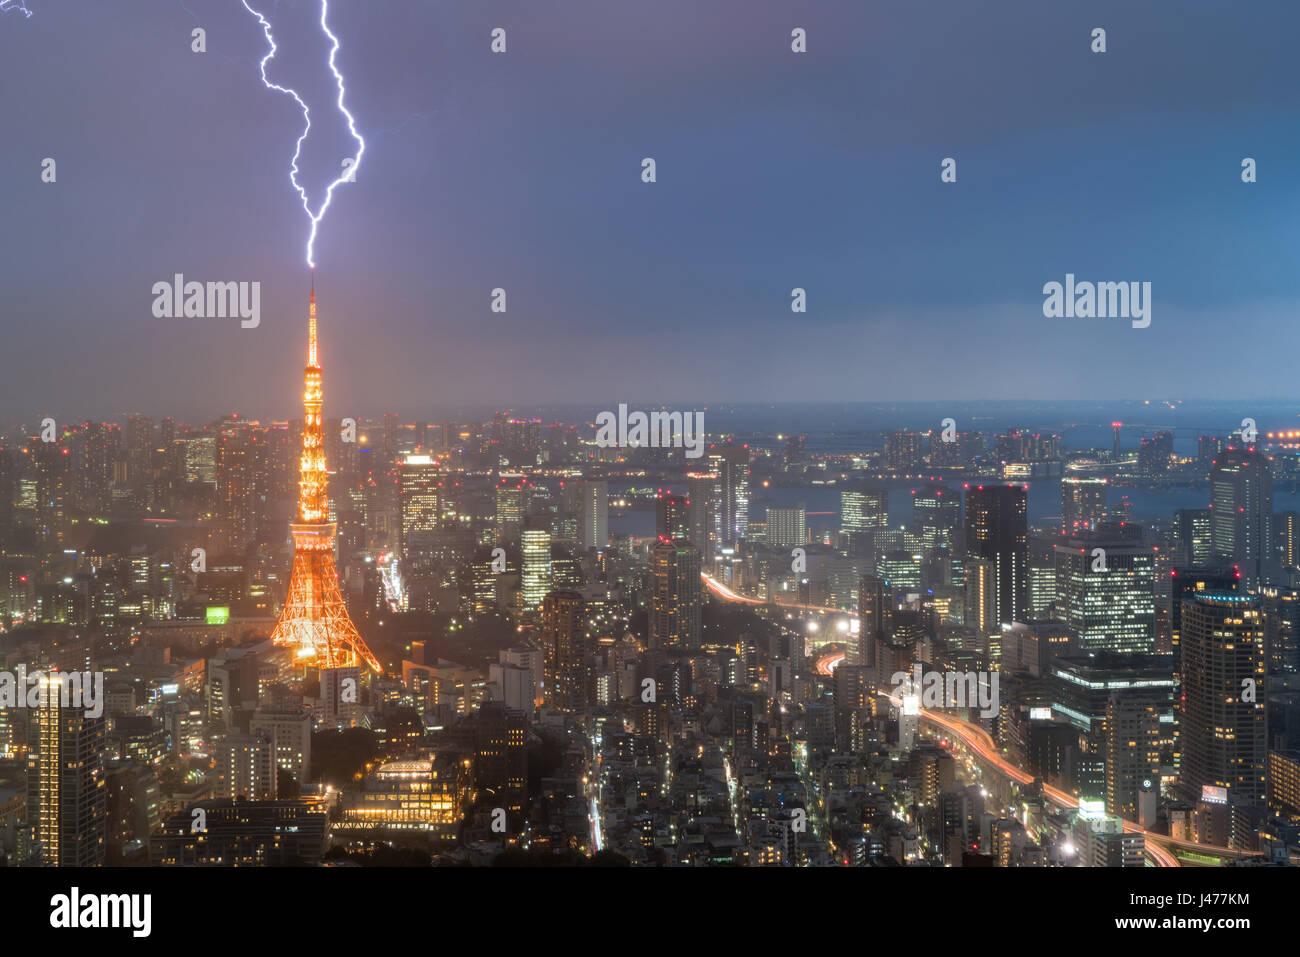 Gewitter über der Stadt Tokio, Japan in der Nacht mit Blitz über Tokyo Tower. Gewitter in Tokio, Japan. Stockbild